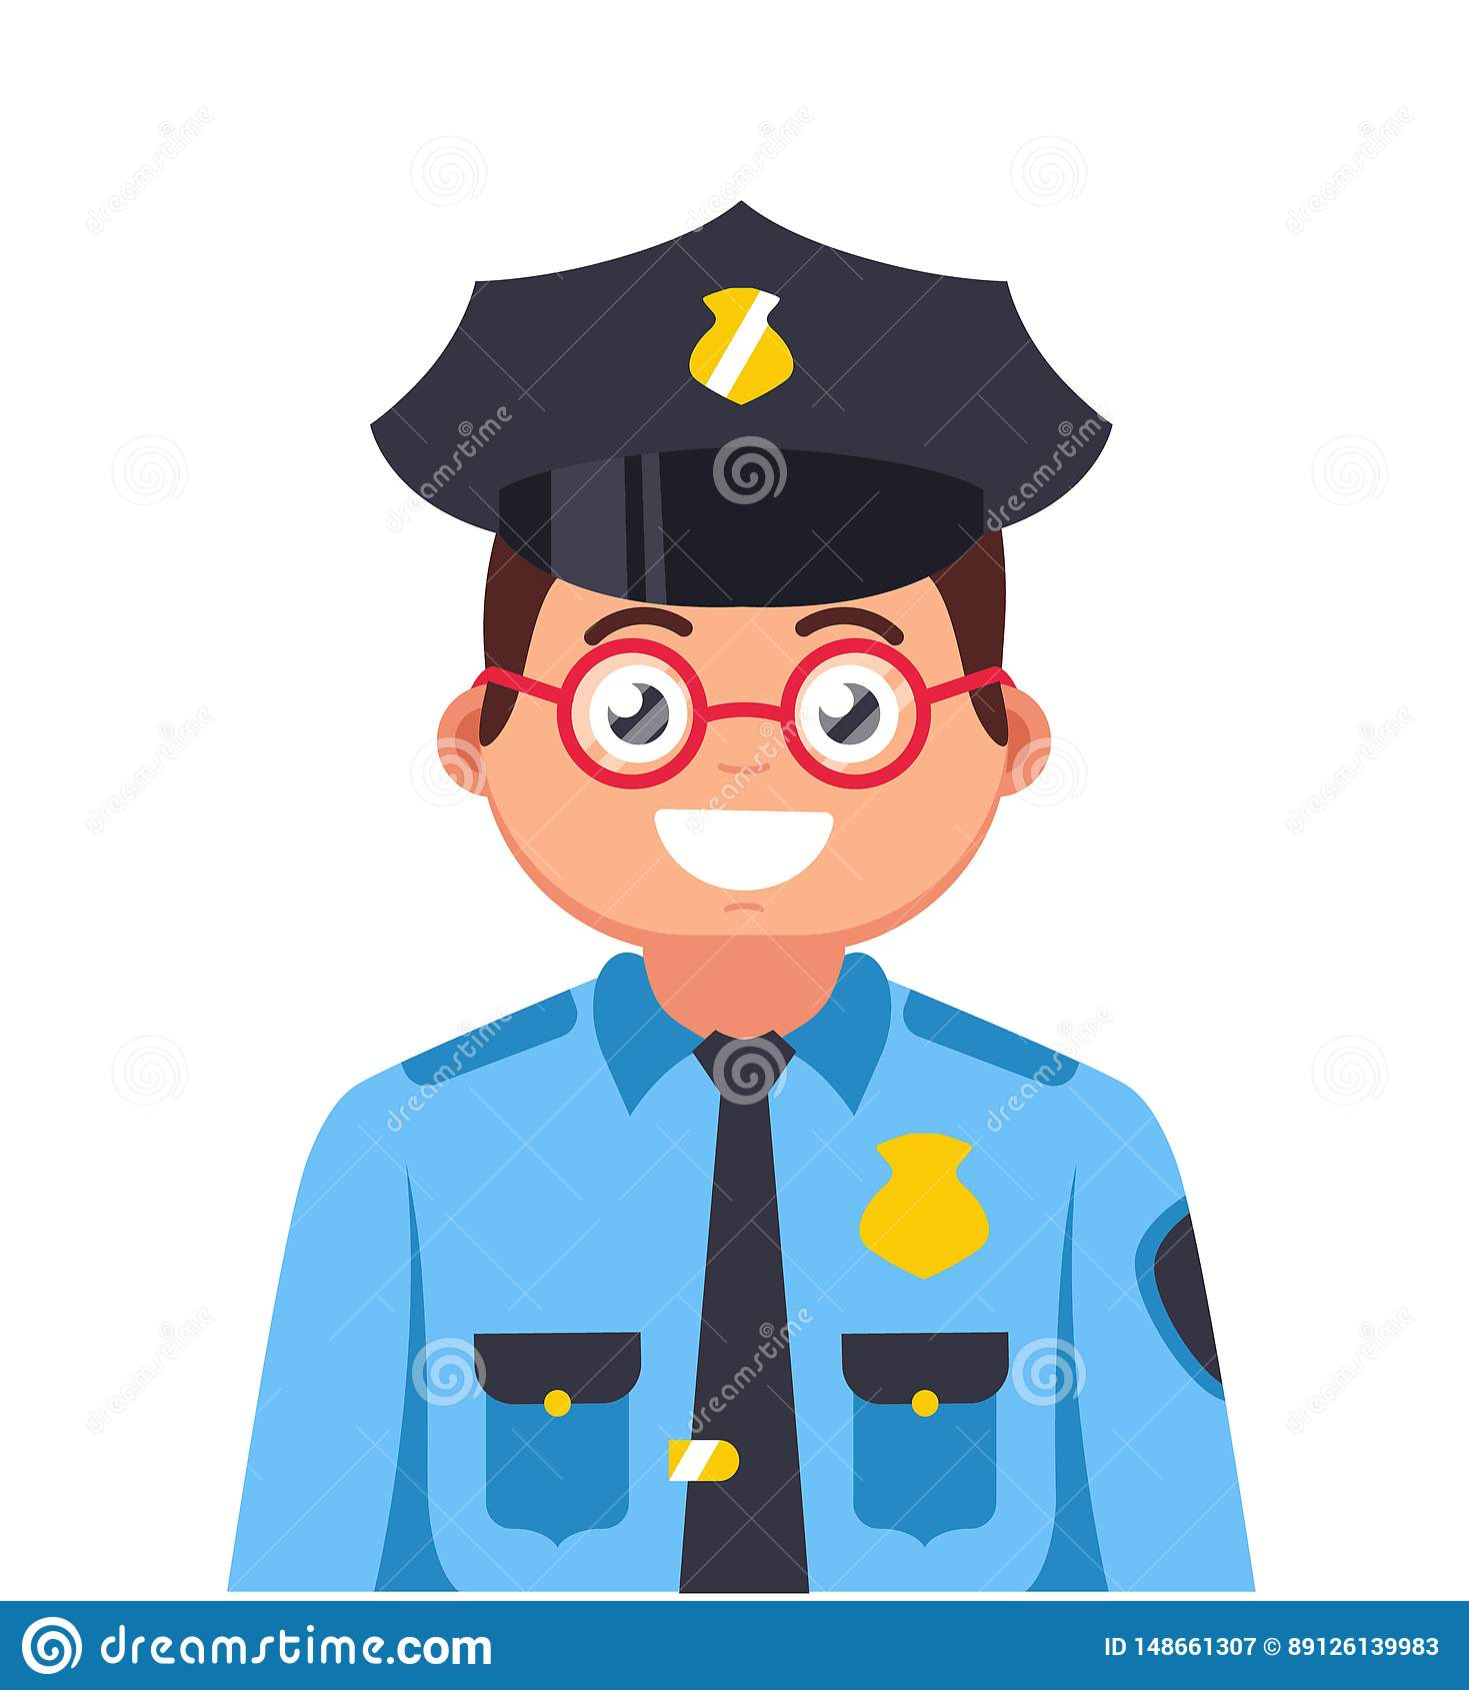 Junger Polizist mit Gl?sern l?chelnd ?ber einem wei?en Hintergrund sehr junge Bulle